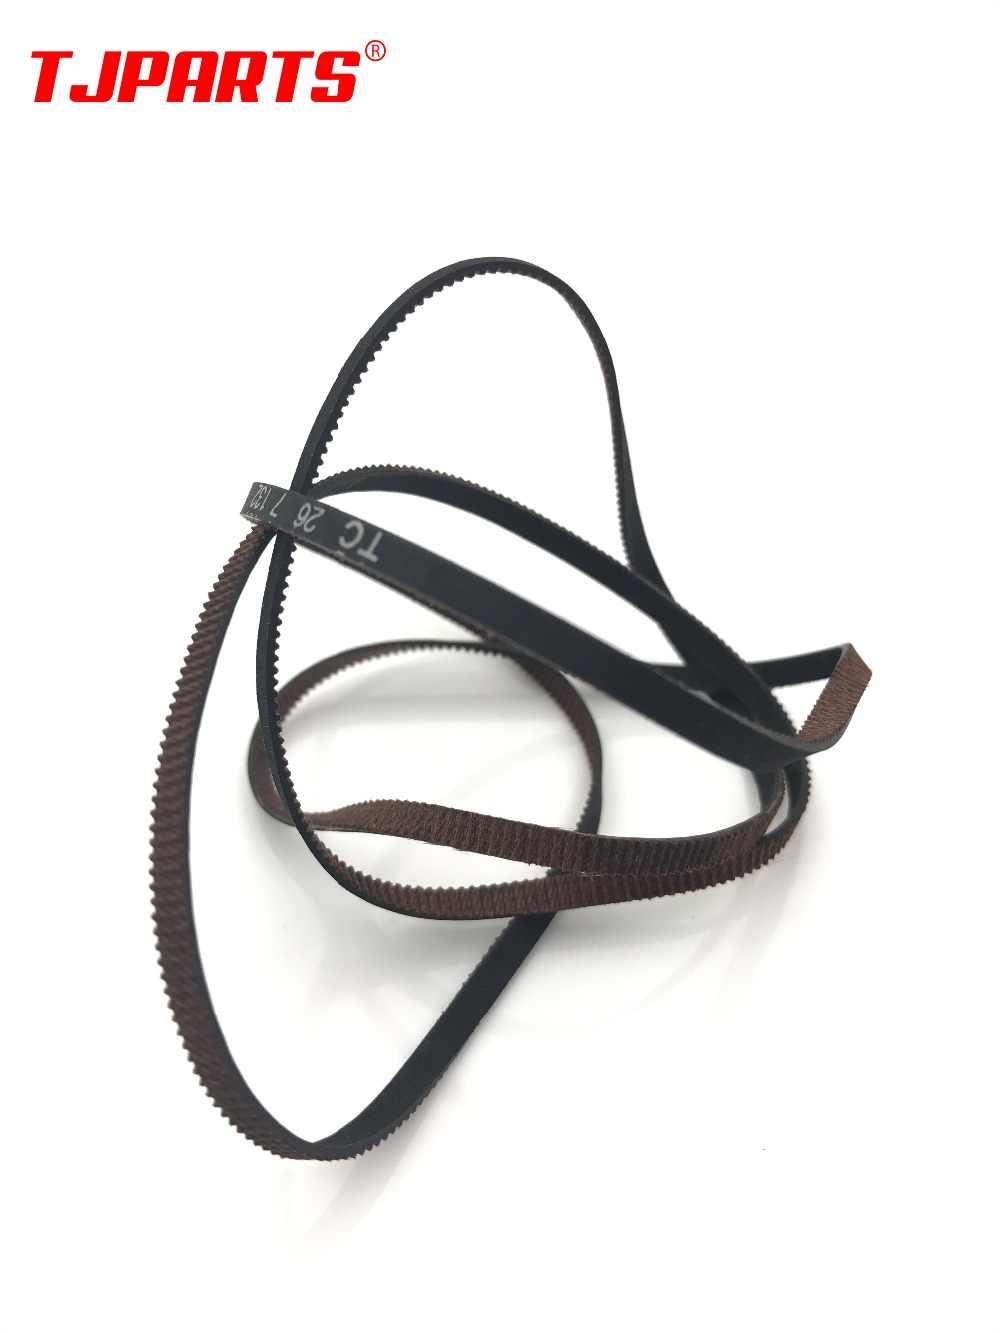 50 Kereta Timing Belt untuk Epson ME10 L100 L110 L111 L120 L130 L132 L210 L220 L222 L300 L301 L303 L310 l350 L351 L353 L355 L358